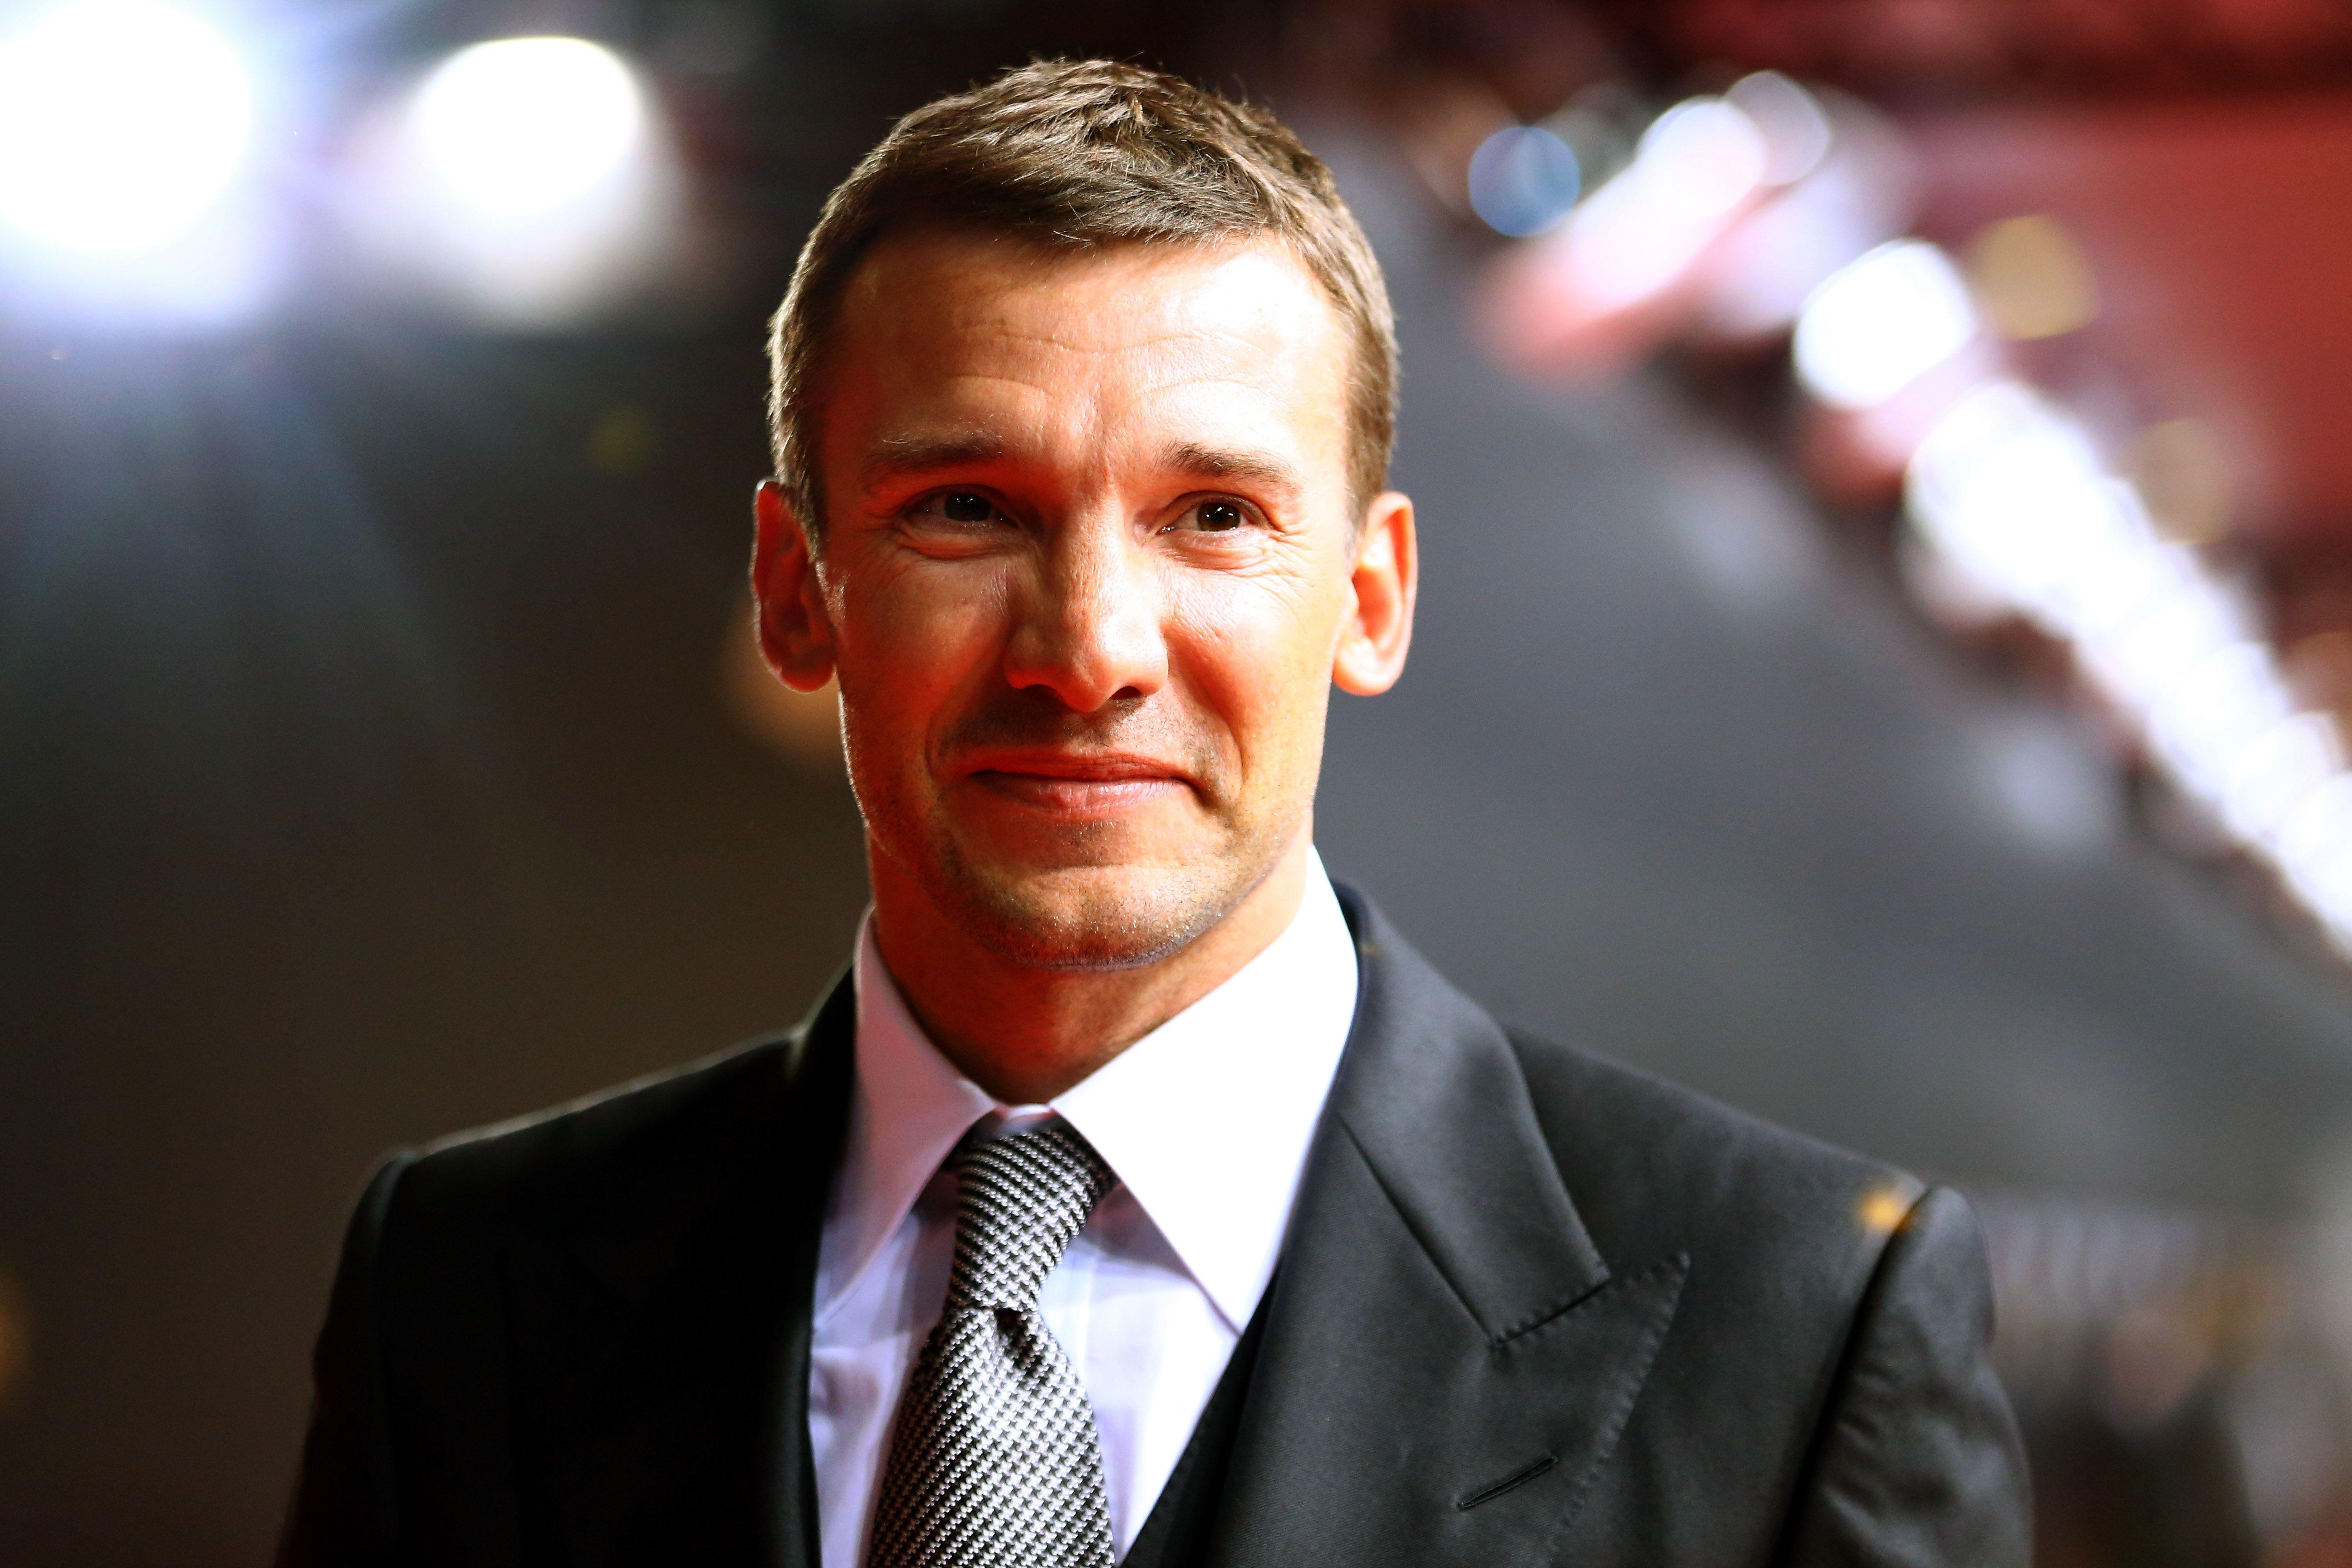 Andriy Shevchenko Ukraine Football players